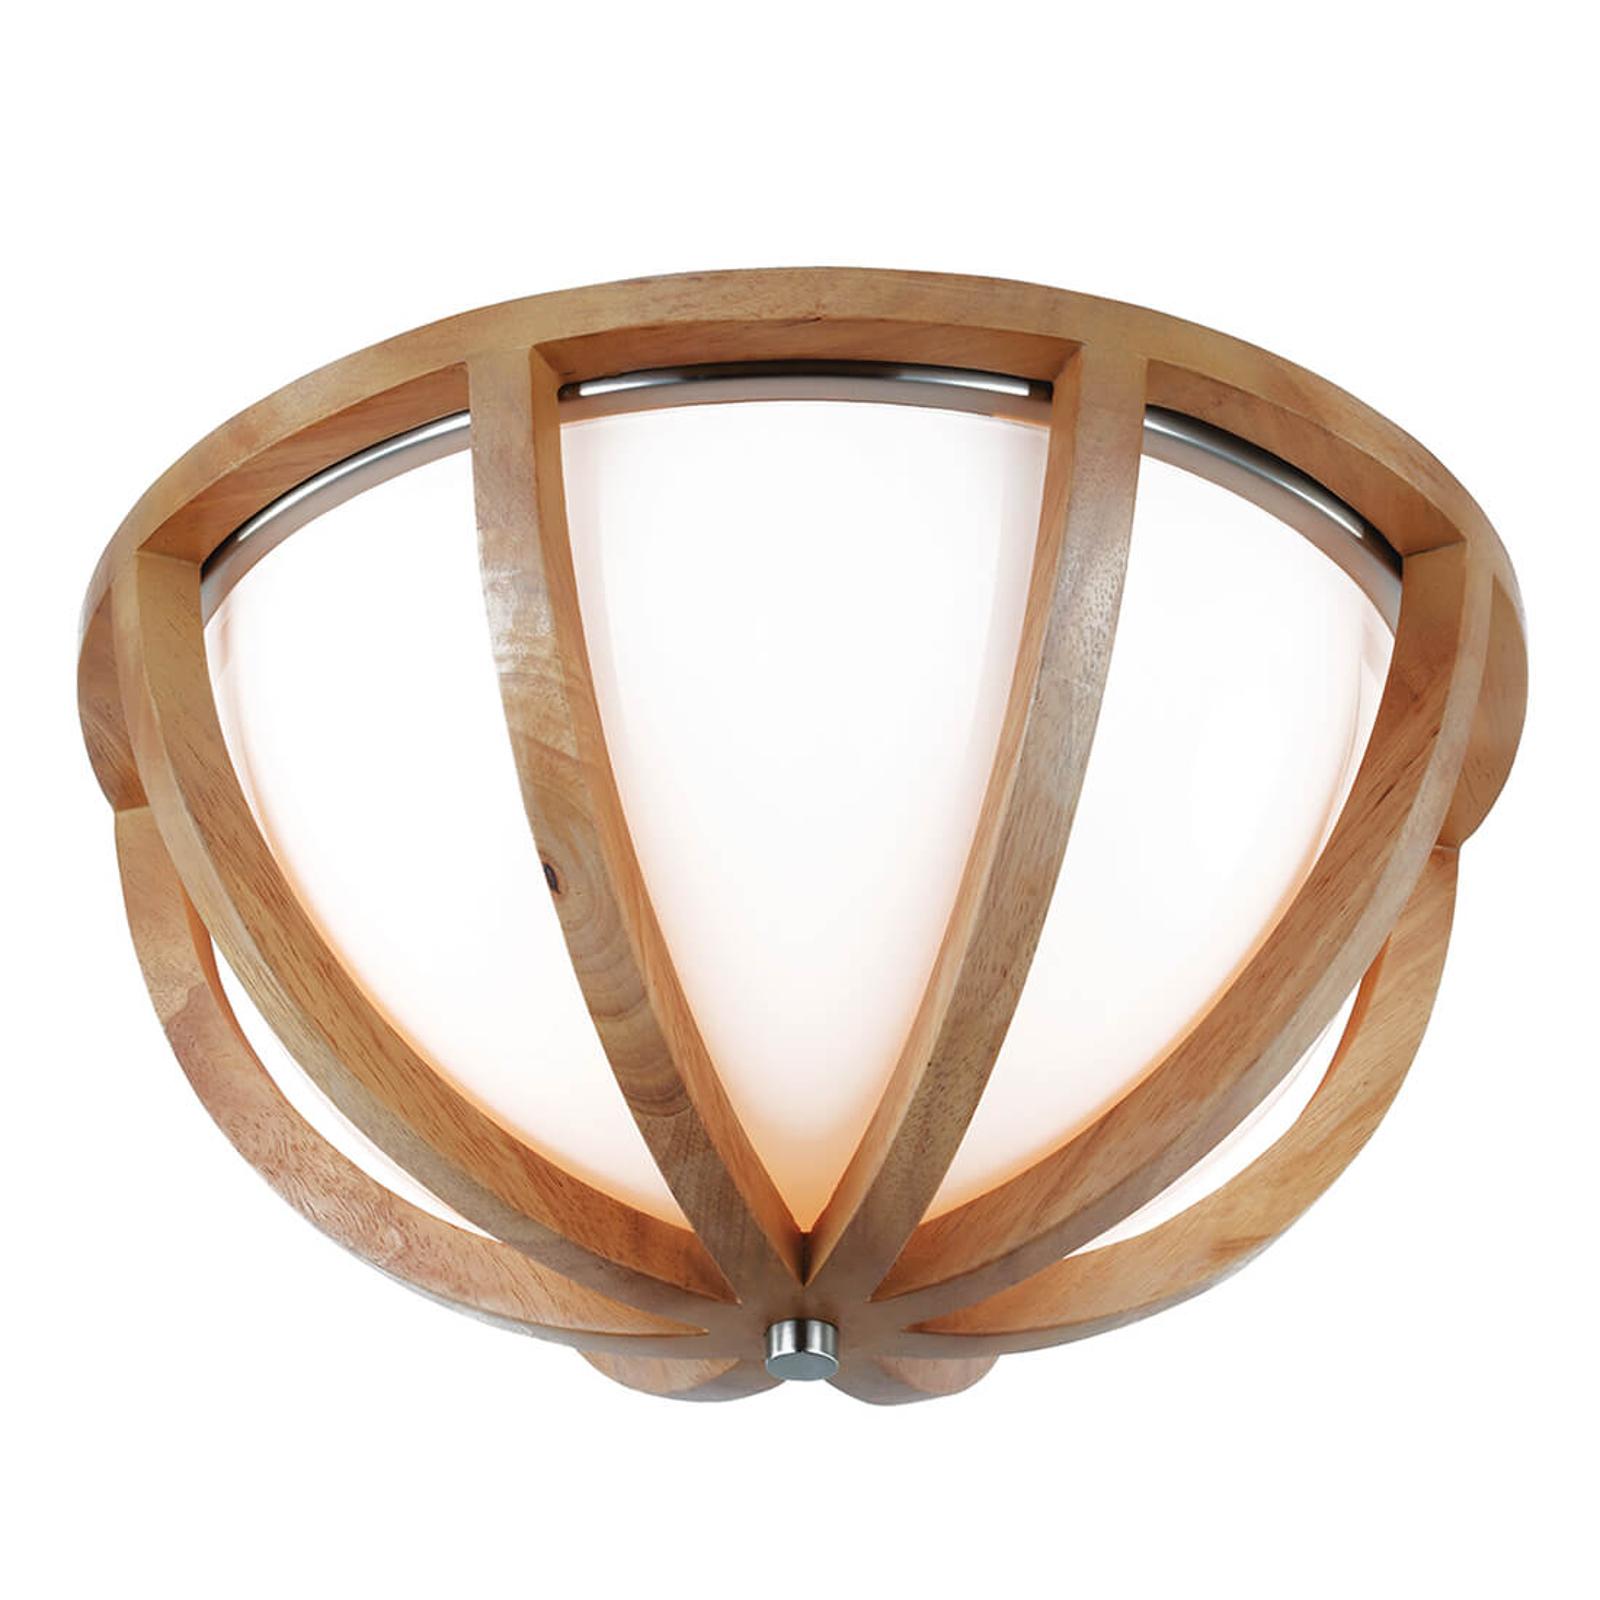 Allier harmonisk utformet taklampe i treverk